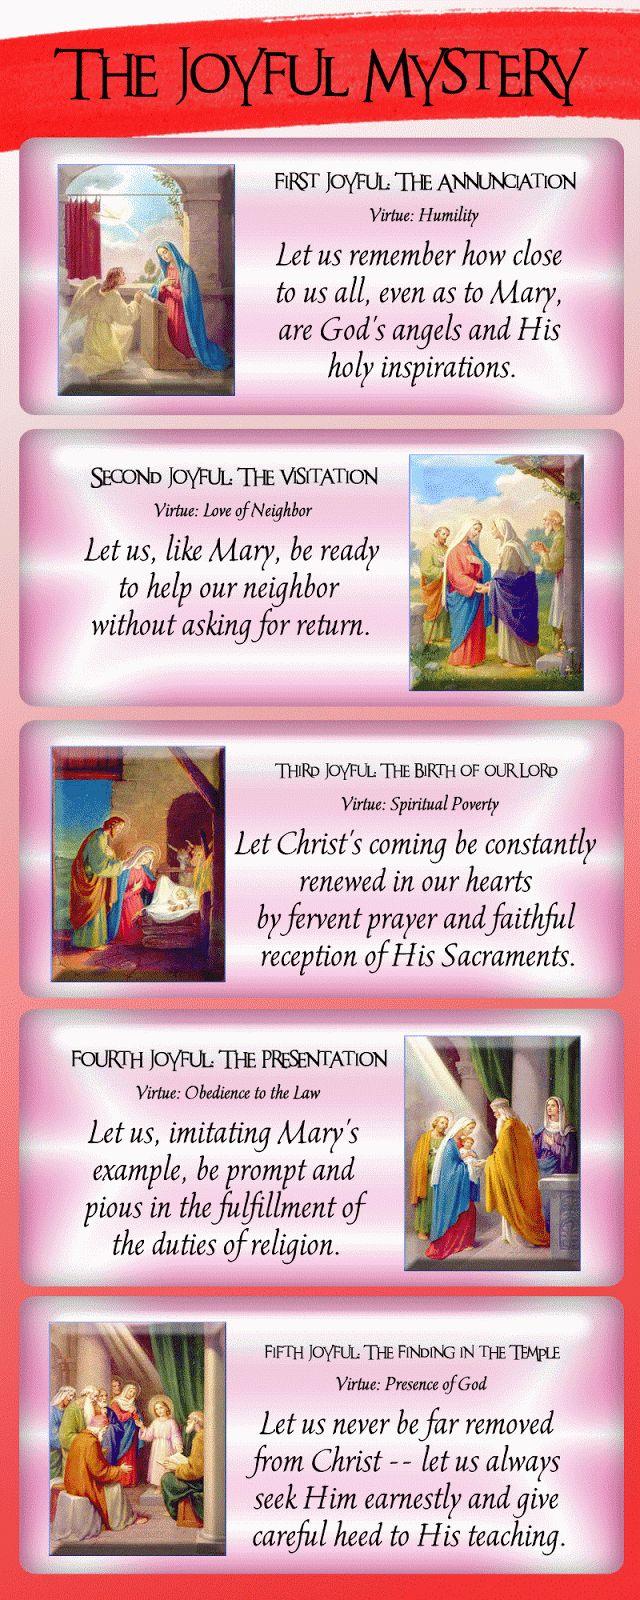 992 best Christianity - Catholicism images on Pinterest | Catholic ...